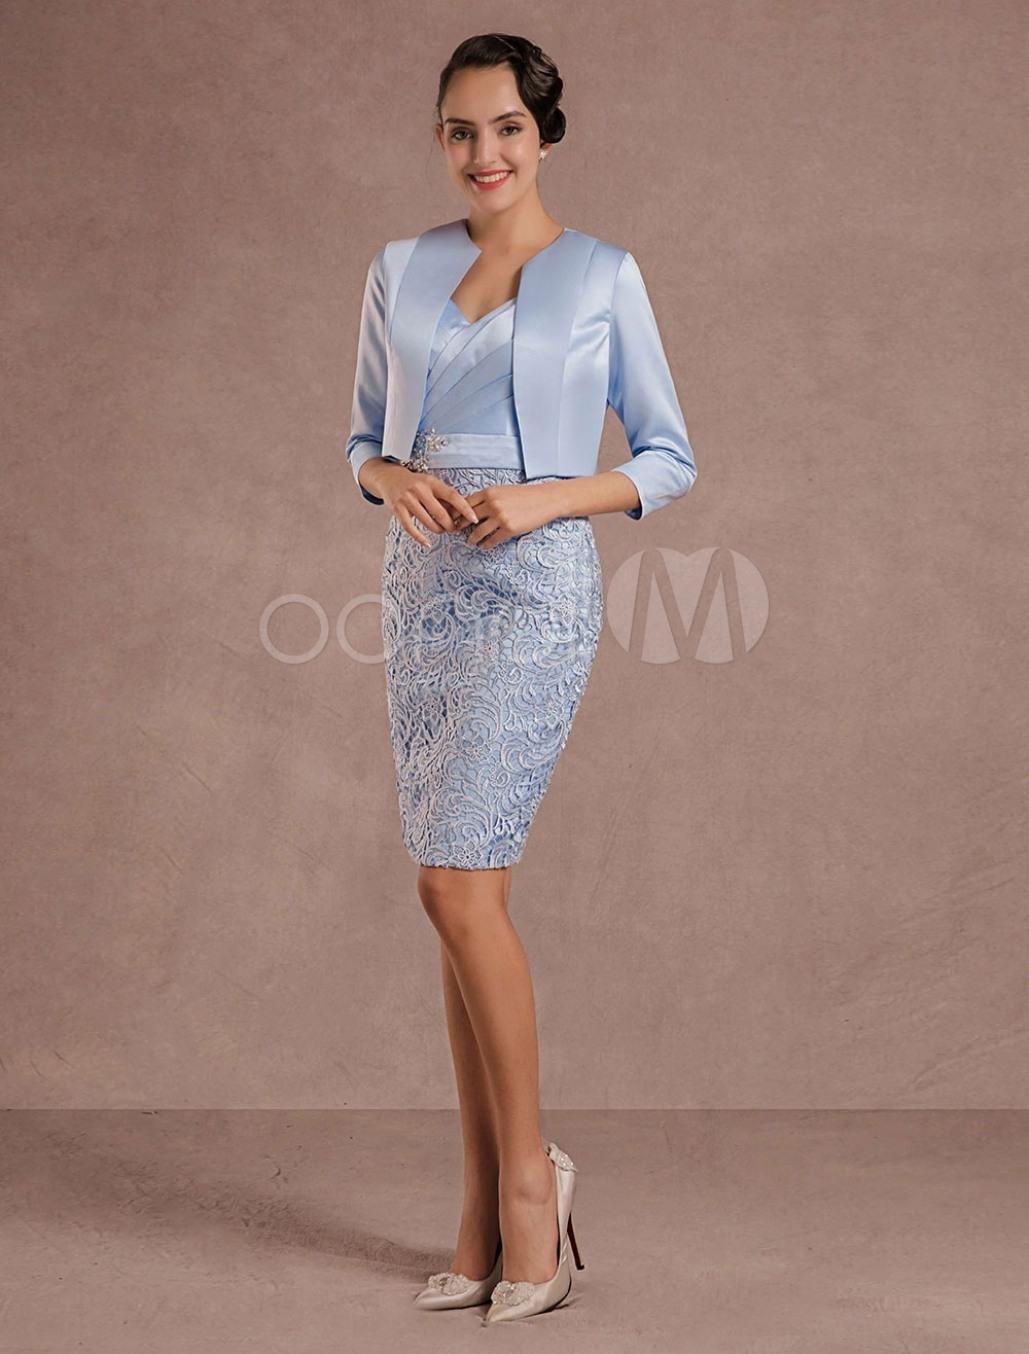 Abend Coolste Elegante Kleider Für Hochzeit Spezialgebiet13 Top Elegante Kleider Für Hochzeit Ärmel